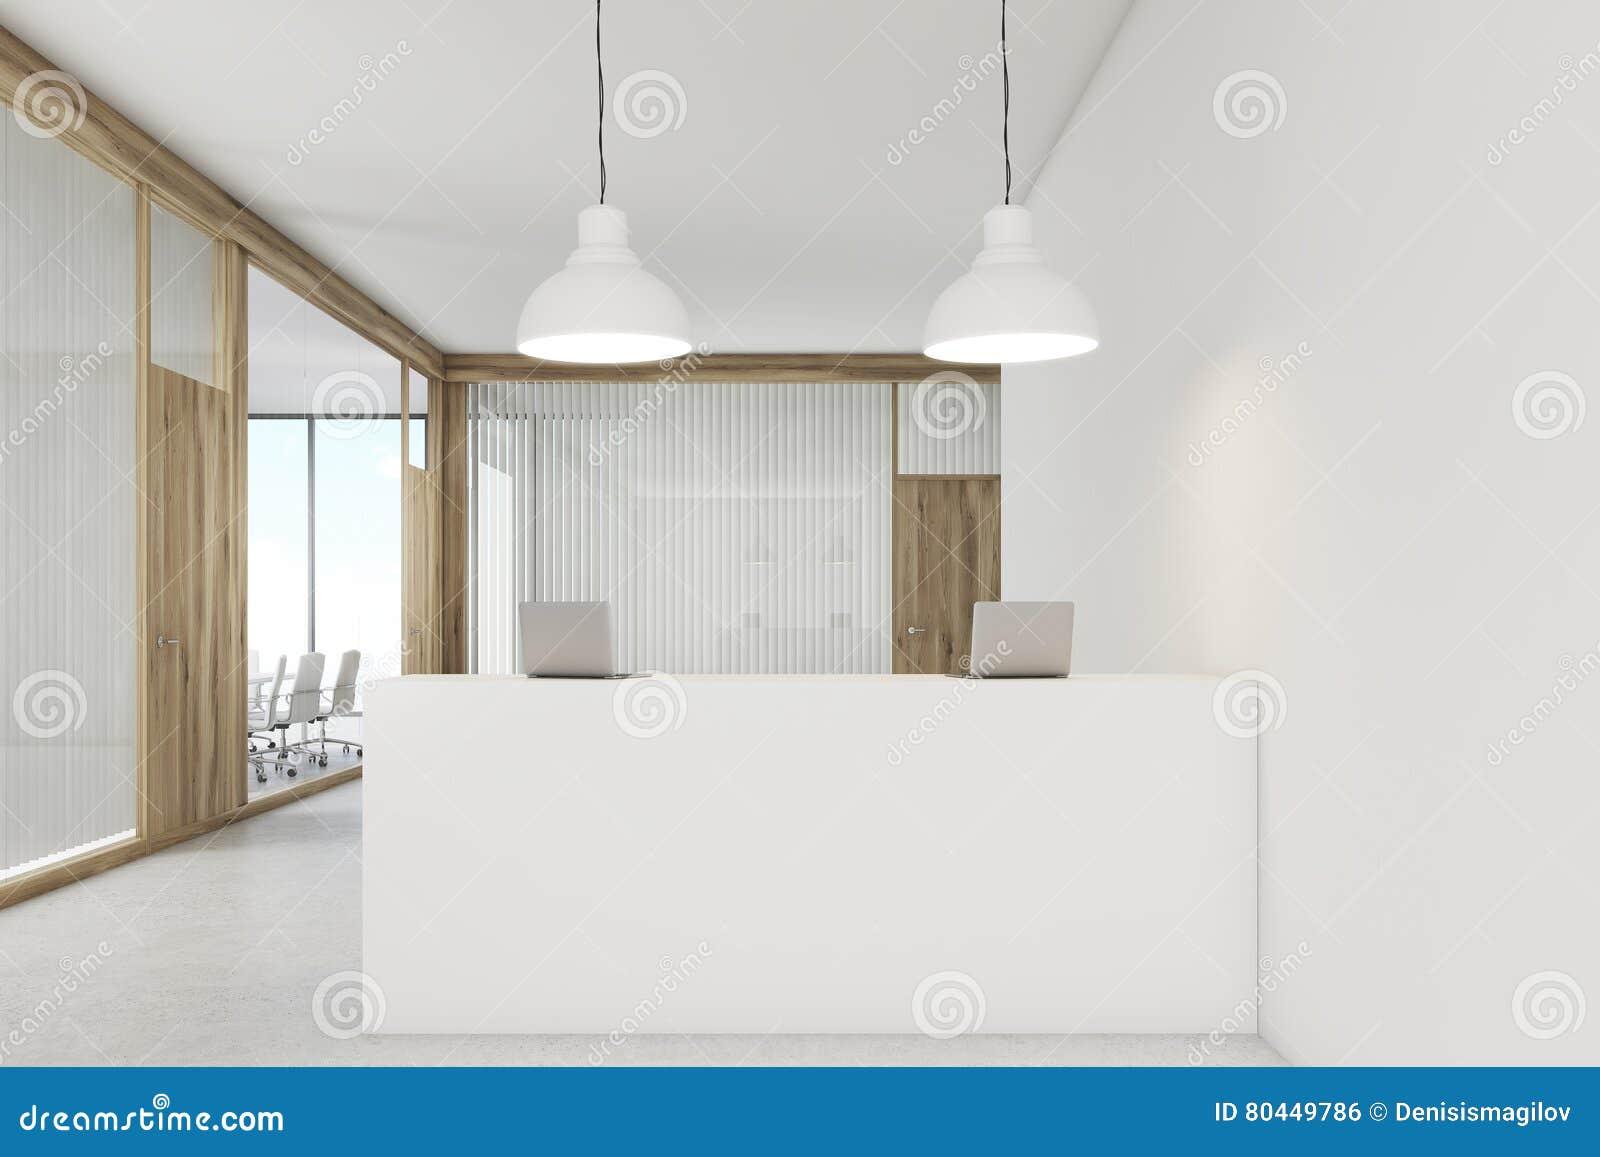 Porta Ingresso Ufficio : Ingresso dellufficio con una reception e le porte di legno